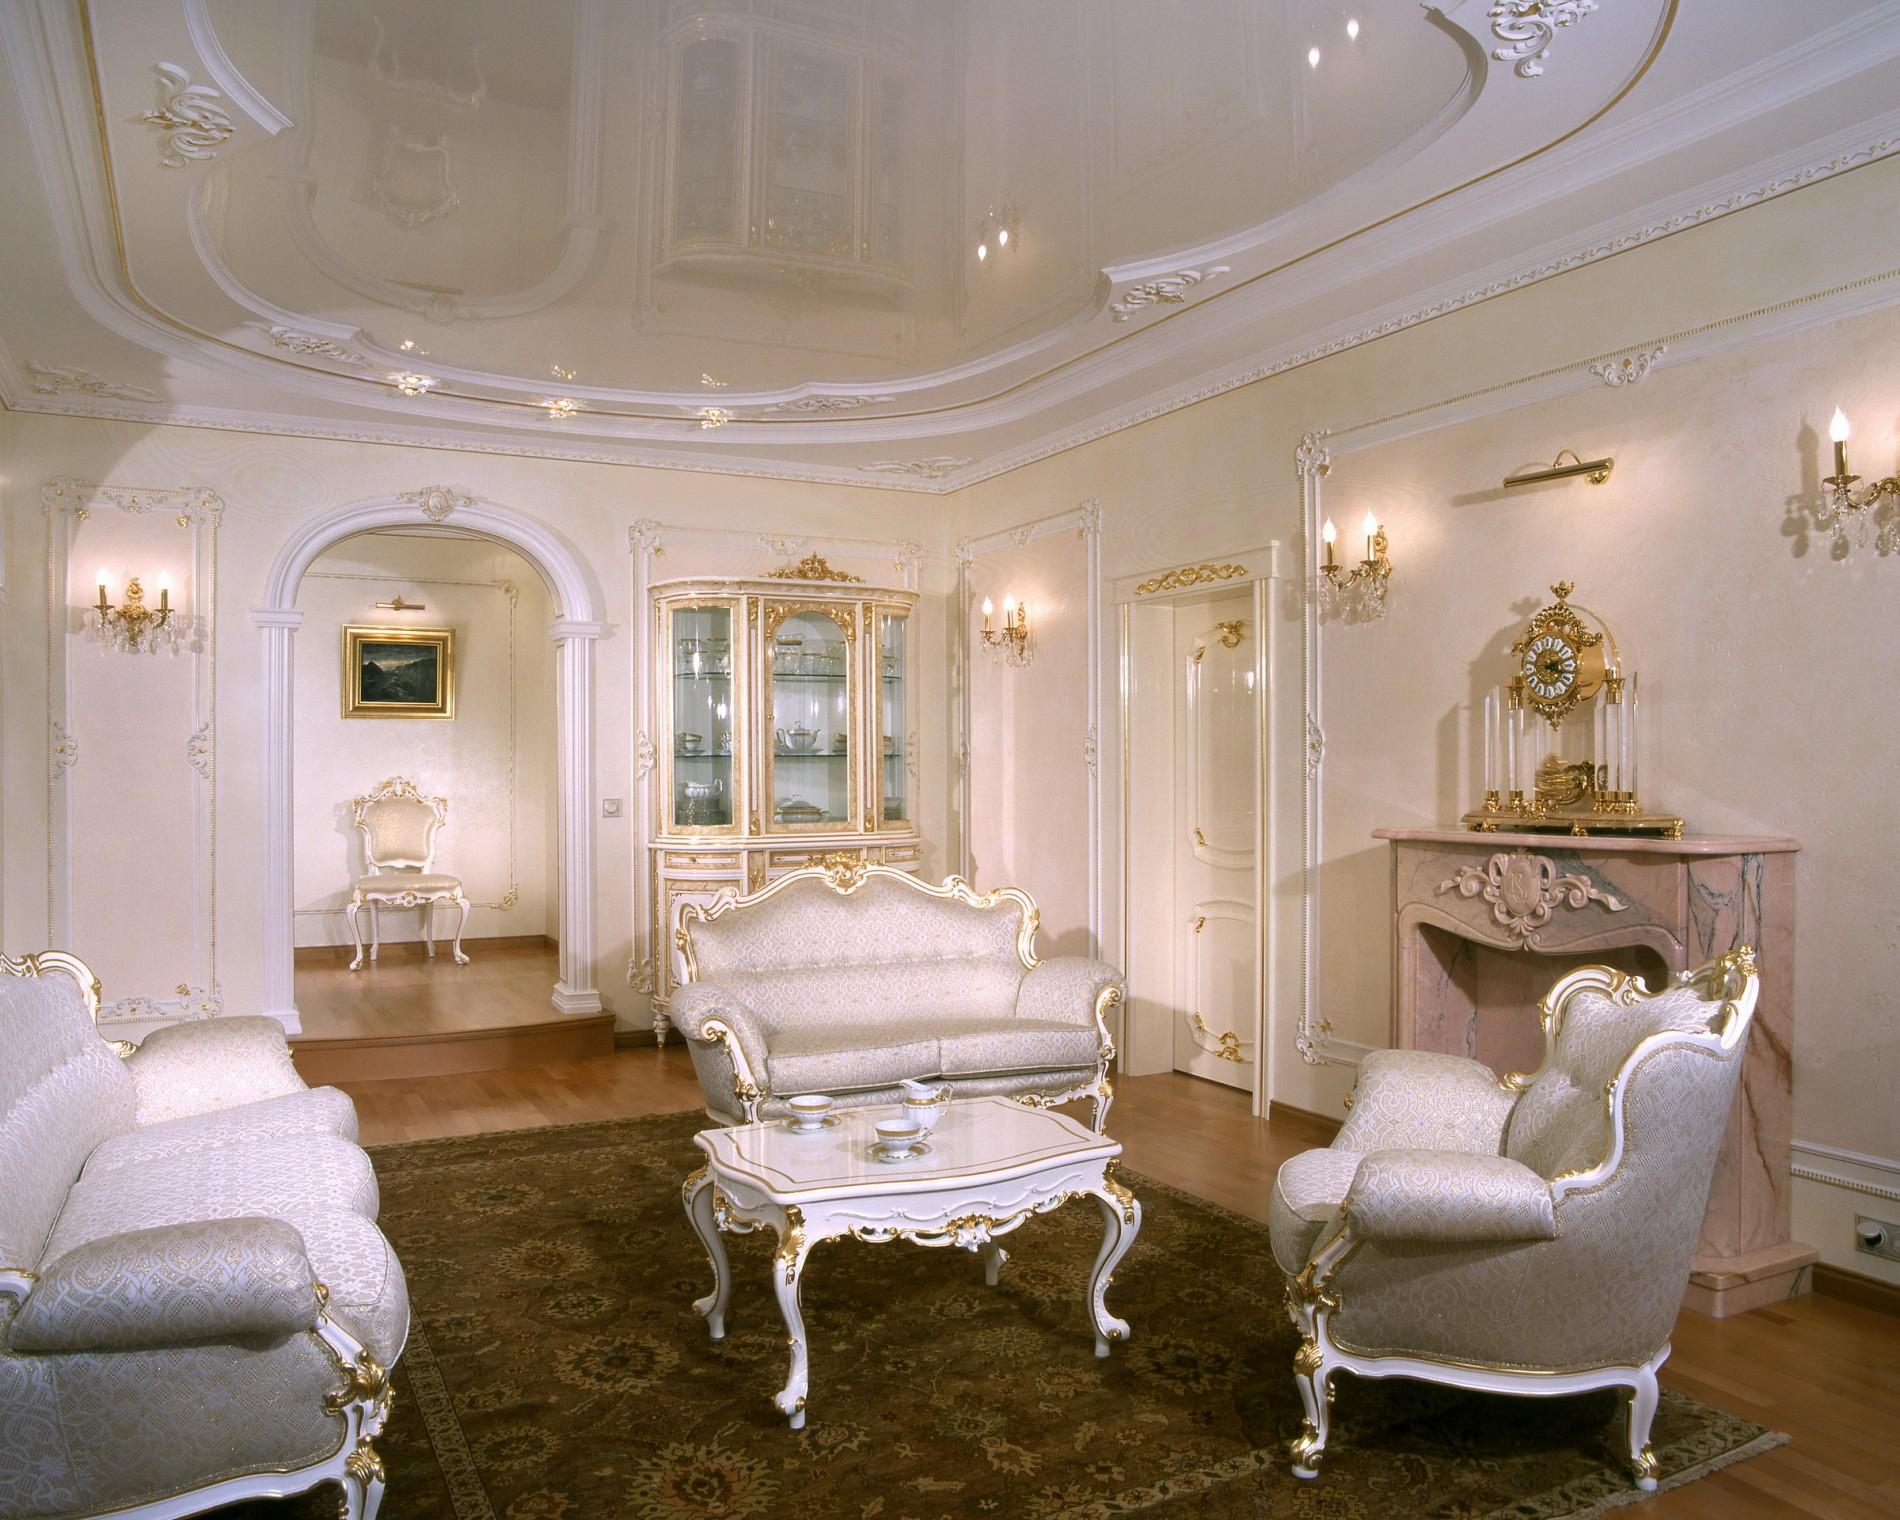 Дизайн комнаты с камином в классическом стиле